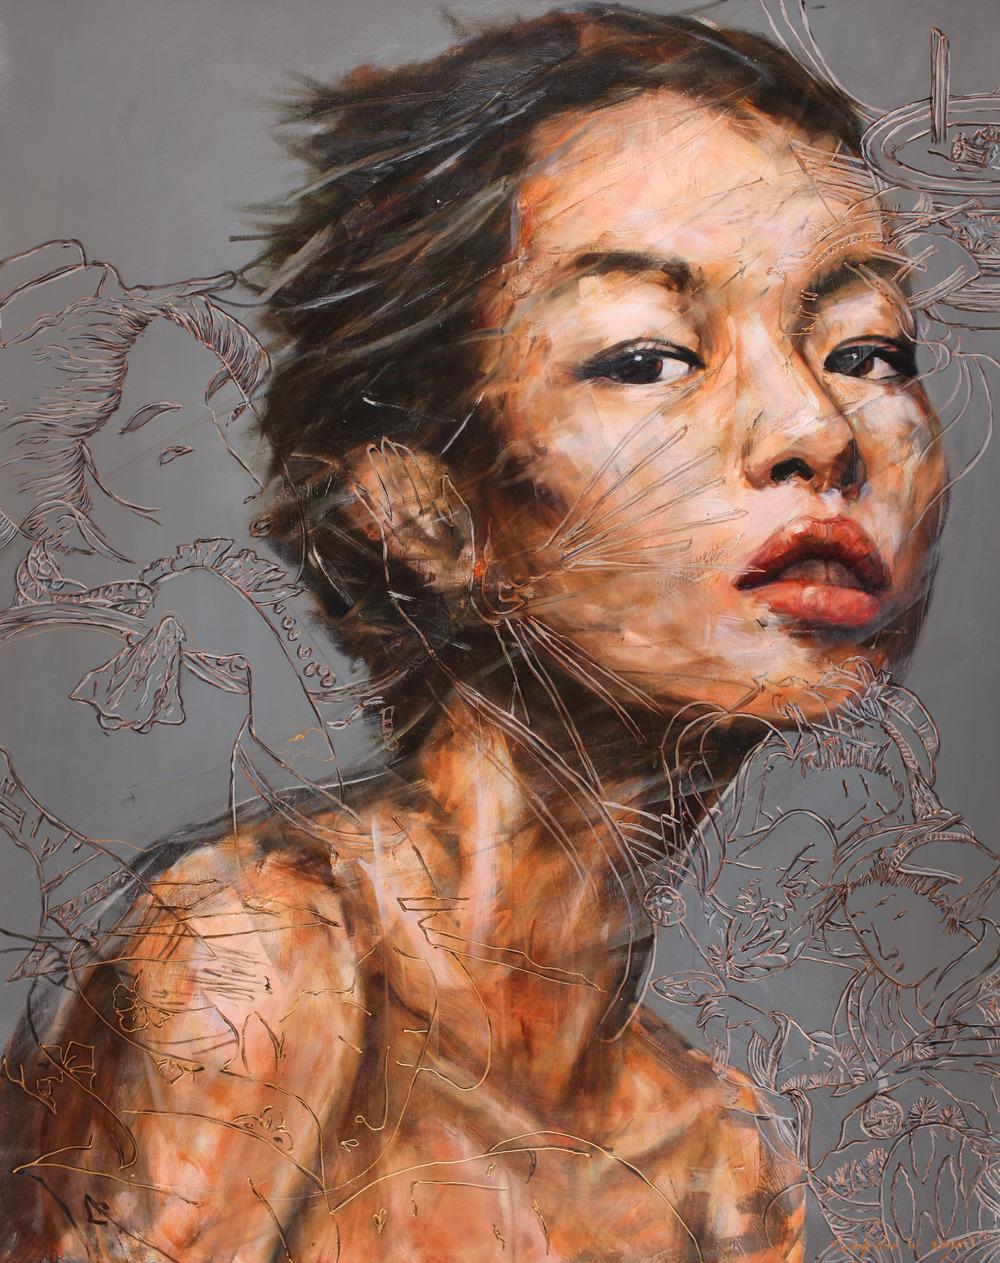 Nugroho WIJAYATMO,  Oriental #8 , 2015, Acrylic on canvas, 150 x 120 cm